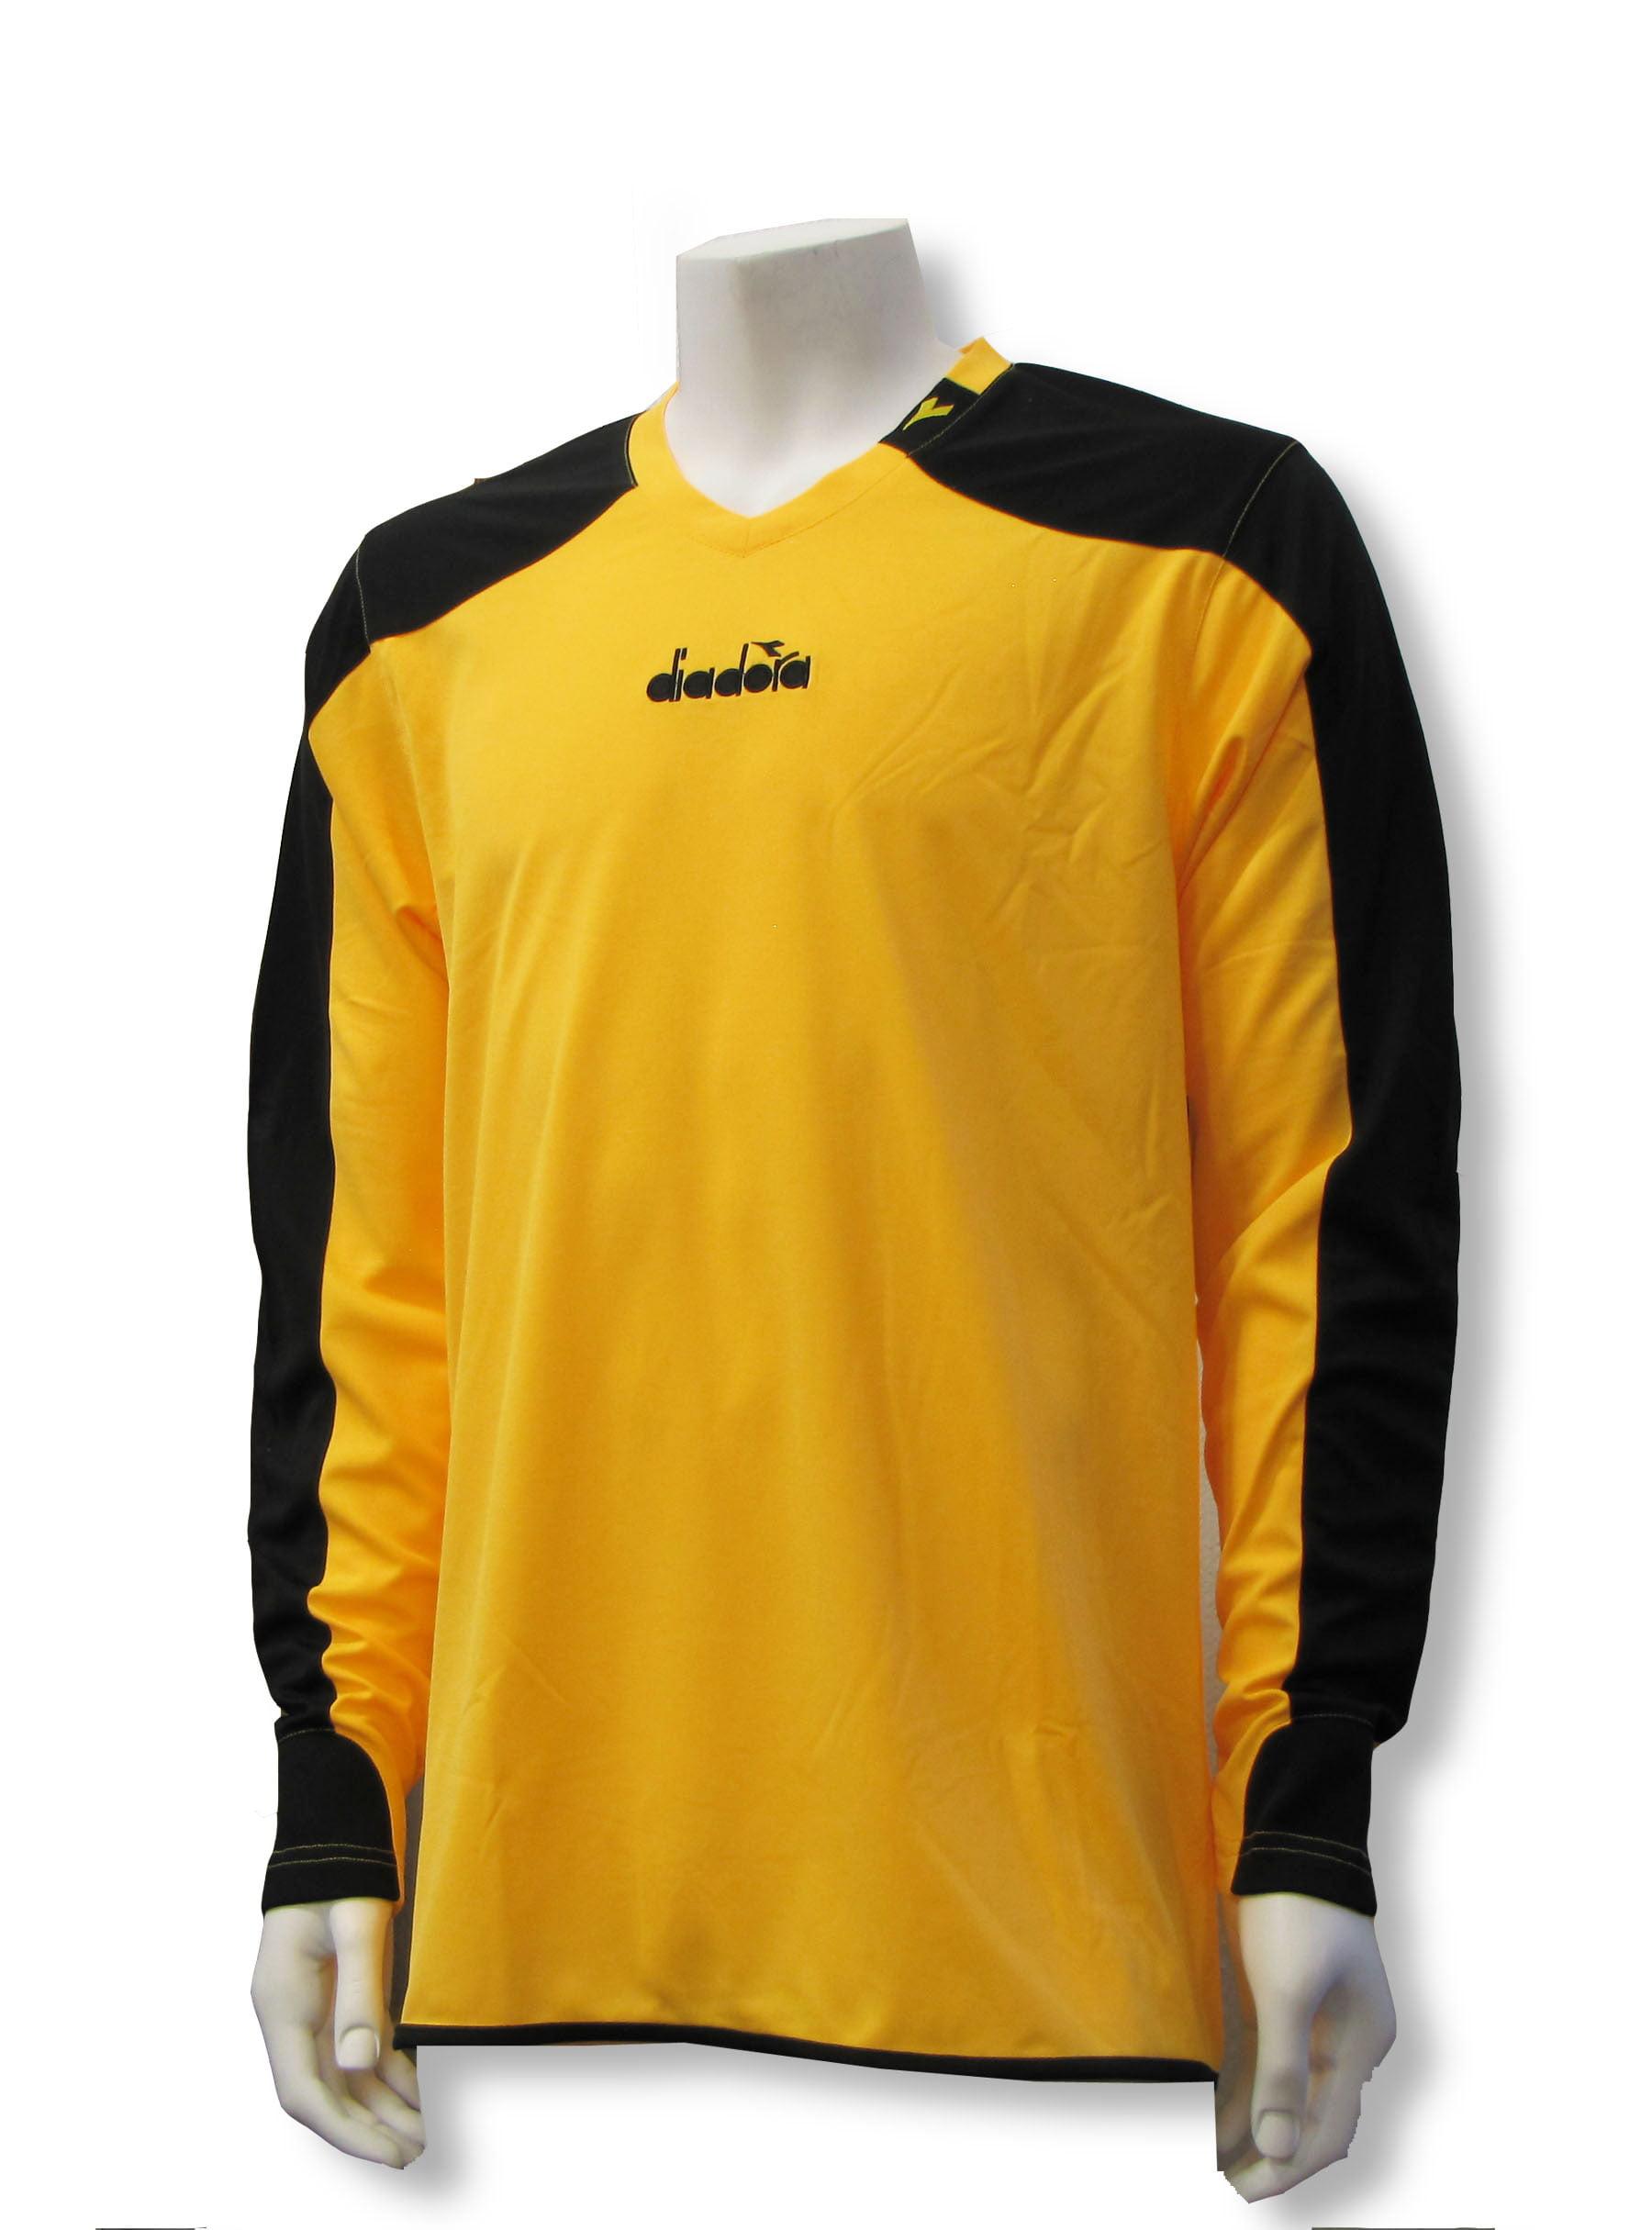 3a233440ade Diadora Enzo Soccer Goalkeeper Jersey - Walmart.com